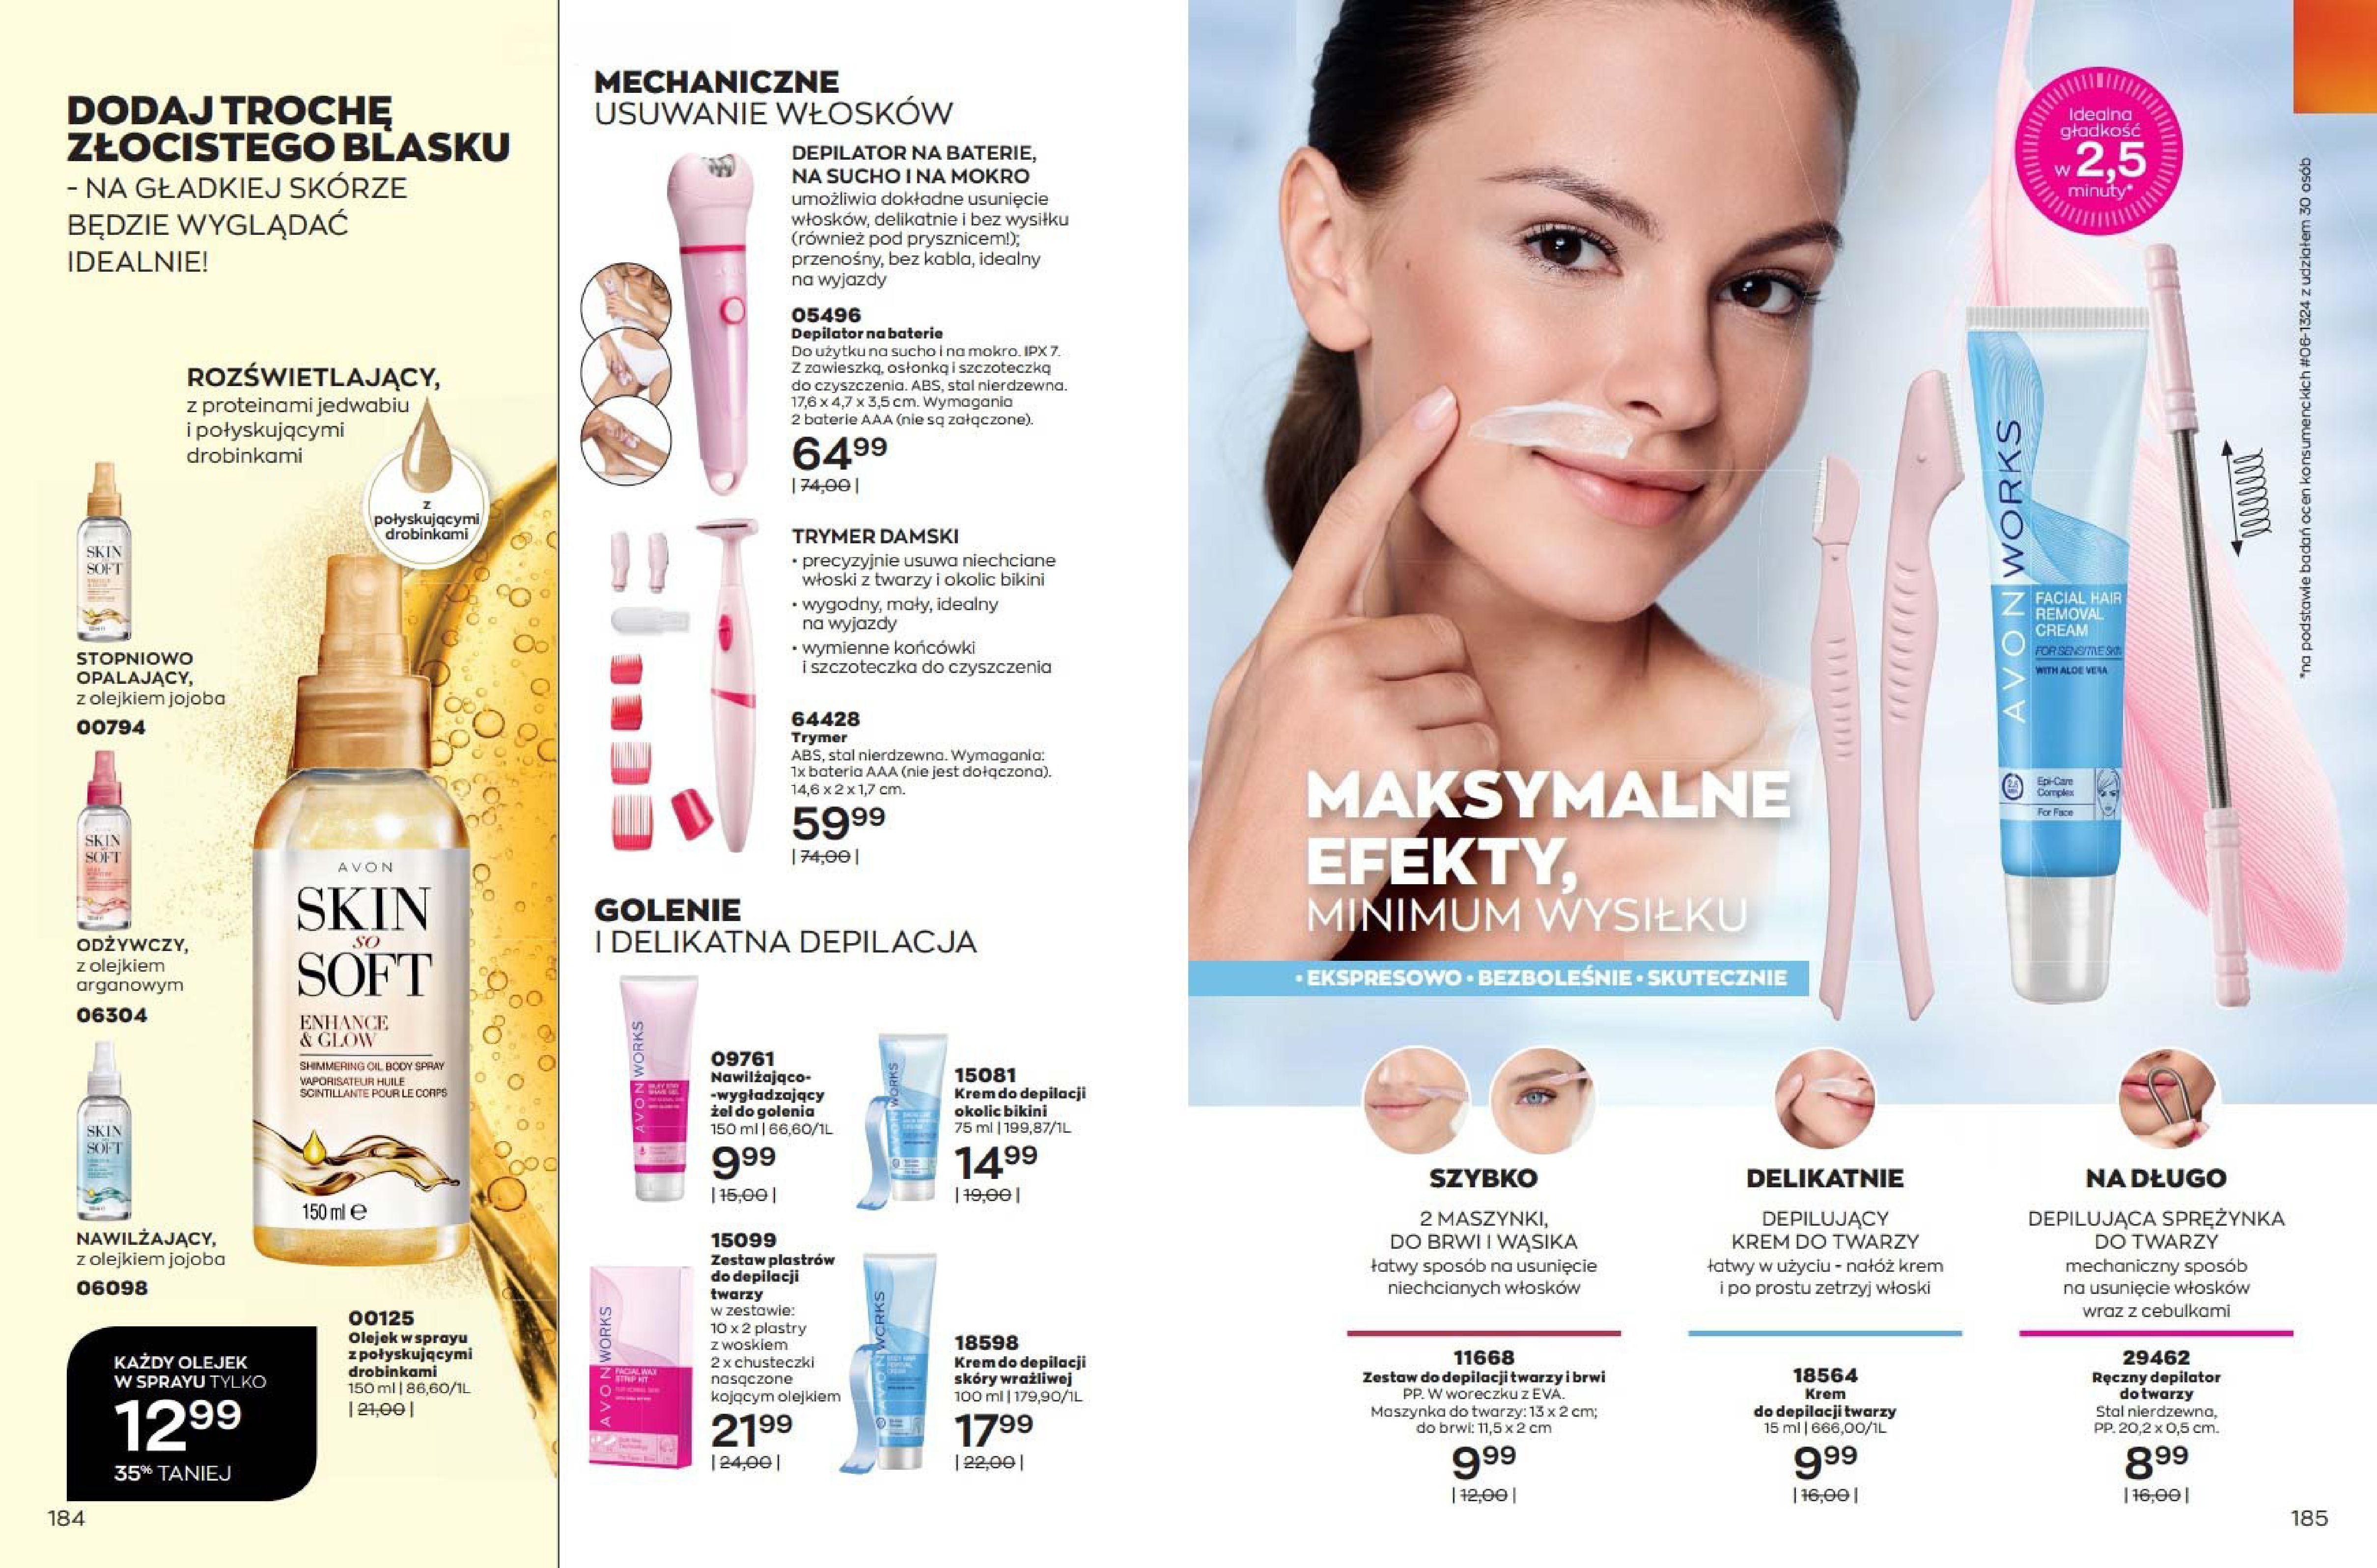 Gazetka Avon: Katalog Avon - Lipiec 2021 2021-07-01 page-93